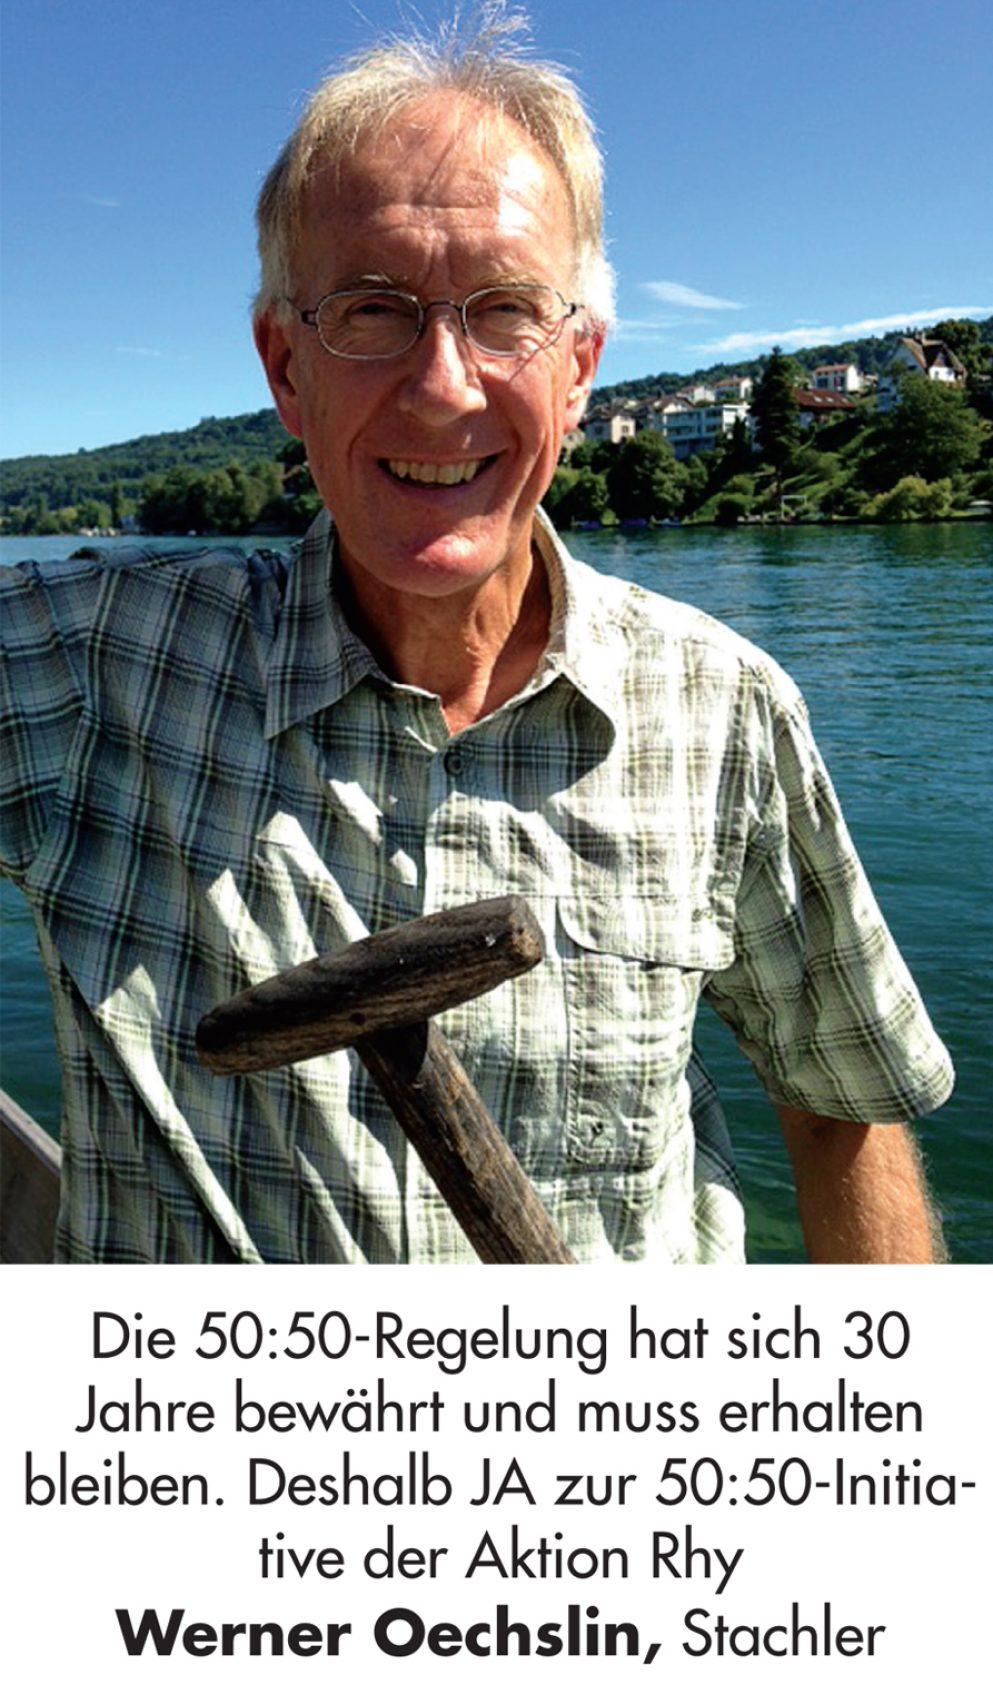 Werner_Oechslin